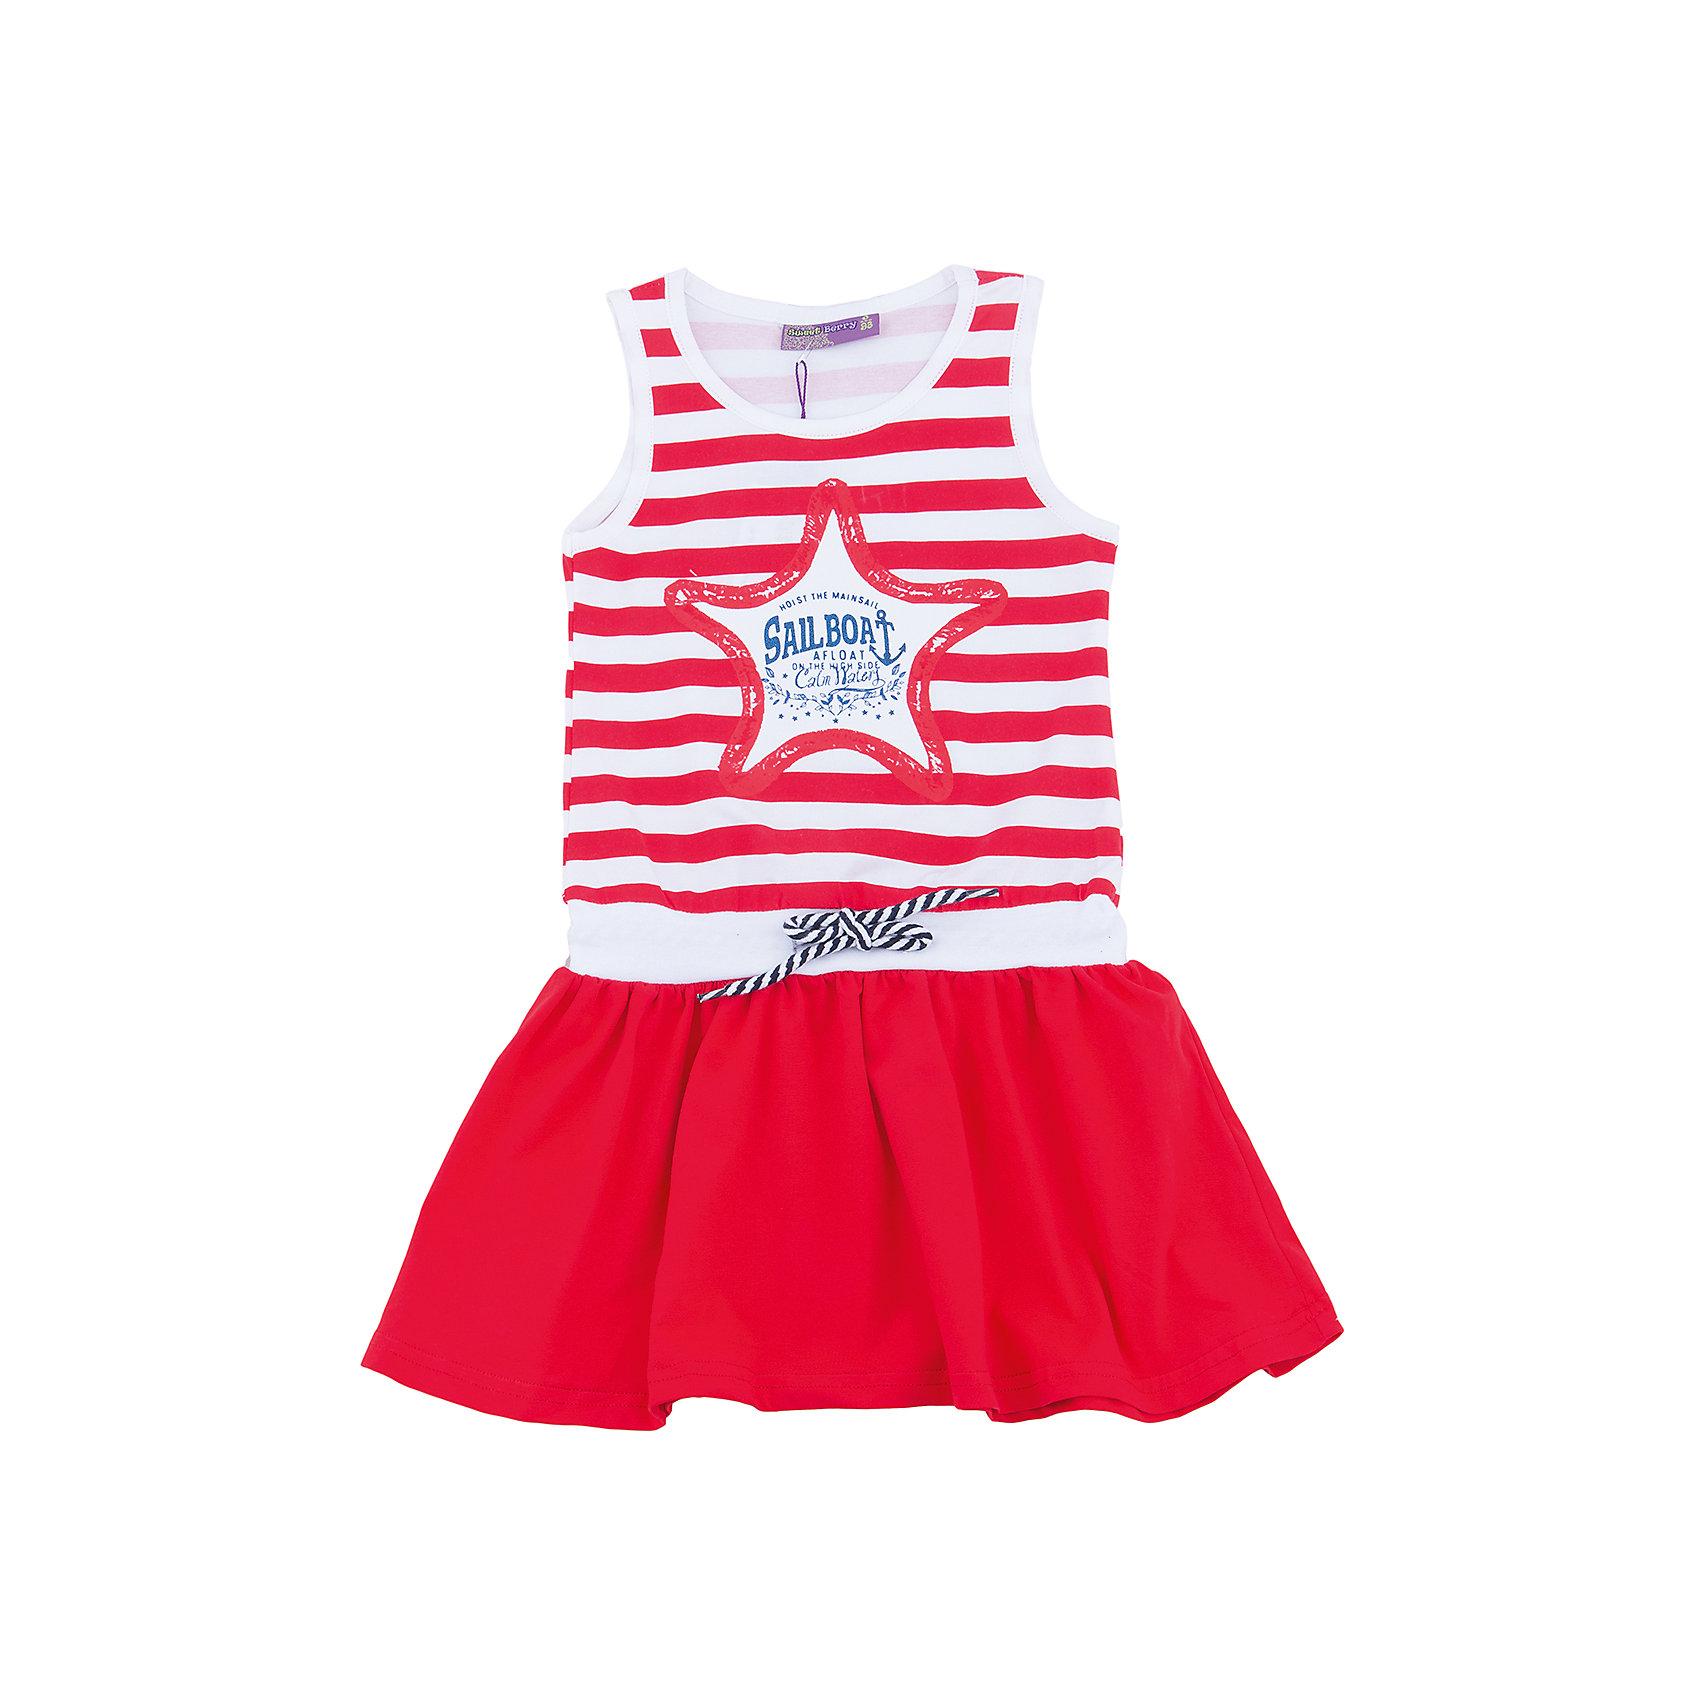 Платье для девочки Sweet BerryЛетние платья и сарафаны<br>Трикотажное платье для девочки без рукавов в полоску. Декрированно оригинальным принтом.<br>Состав:<br>100%хлопок<br><br>Ширина мм: 236<br>Глубина мм: 16<br>Высота мм: 184<br>Вес г: 177<br>Цвет: красный<br>Возраст от месяцев: 36<br>Возраст до месяцев: 48<br>Пол: Женский<br>Возраст: Детский<br>Размер: 128,104,98,110,116,122<br>SKU: 5412155